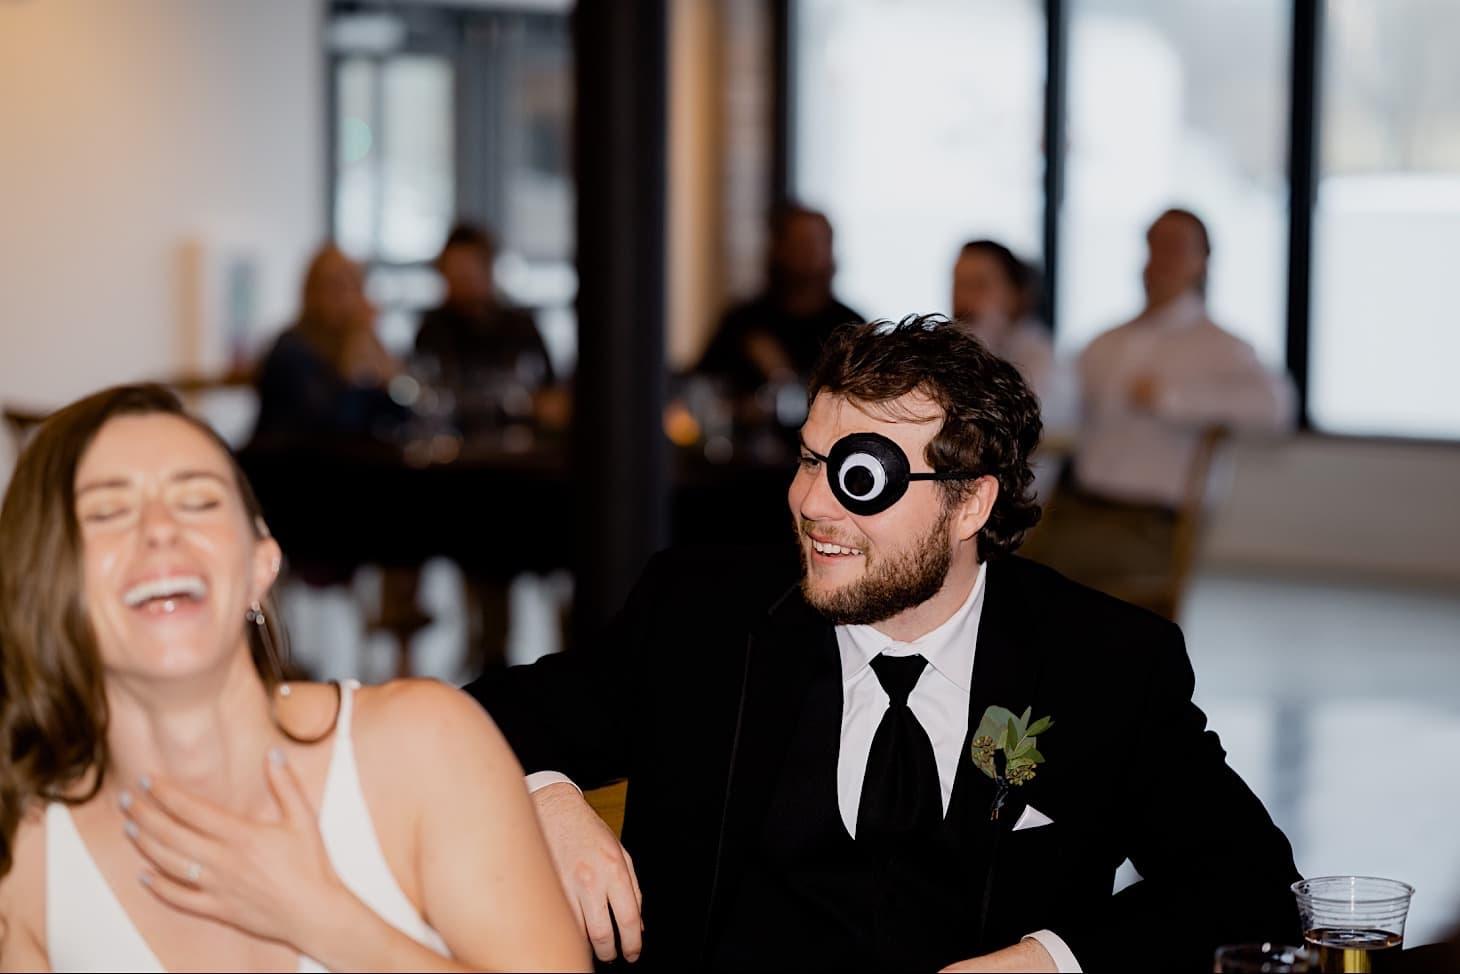 bride and groom at Des Moines wedding reception